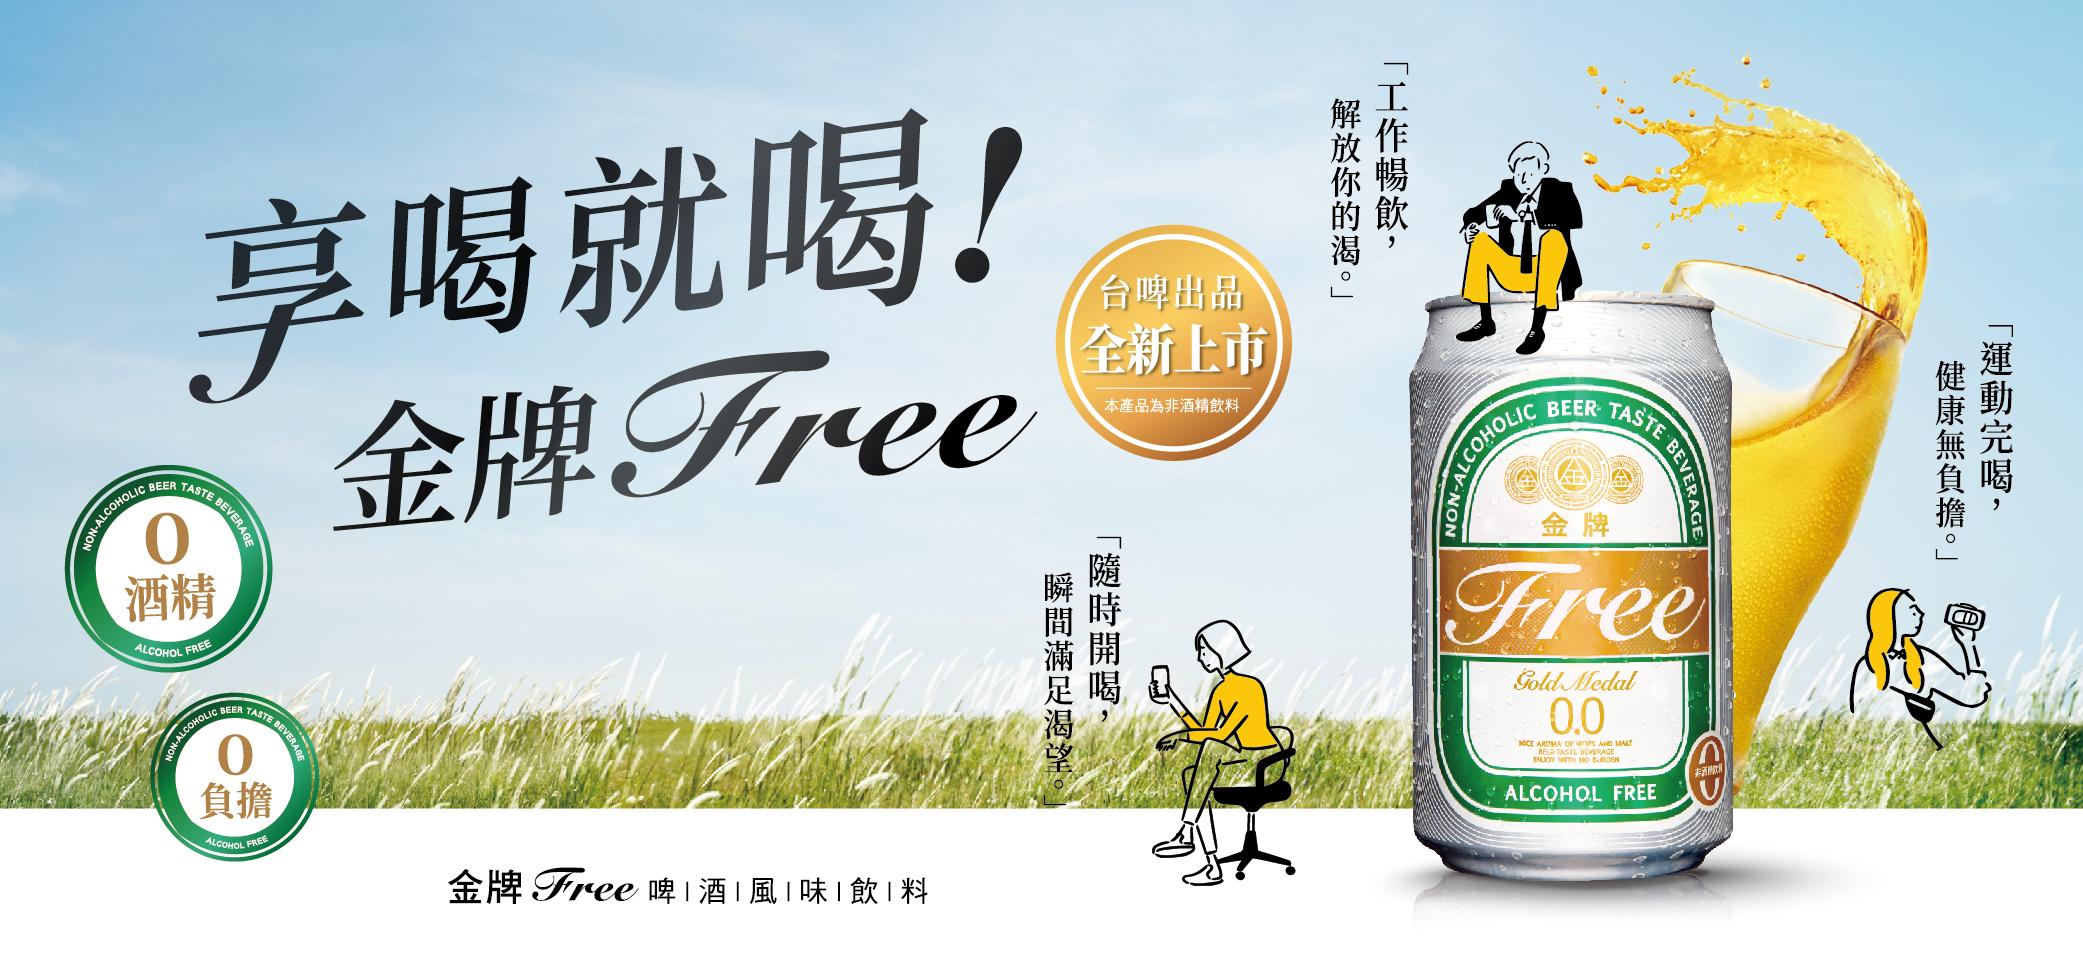 「金牌FREE啤酒風味飲料」新品上市,滿足你對啤酒想喝卻不能喝的渴望!